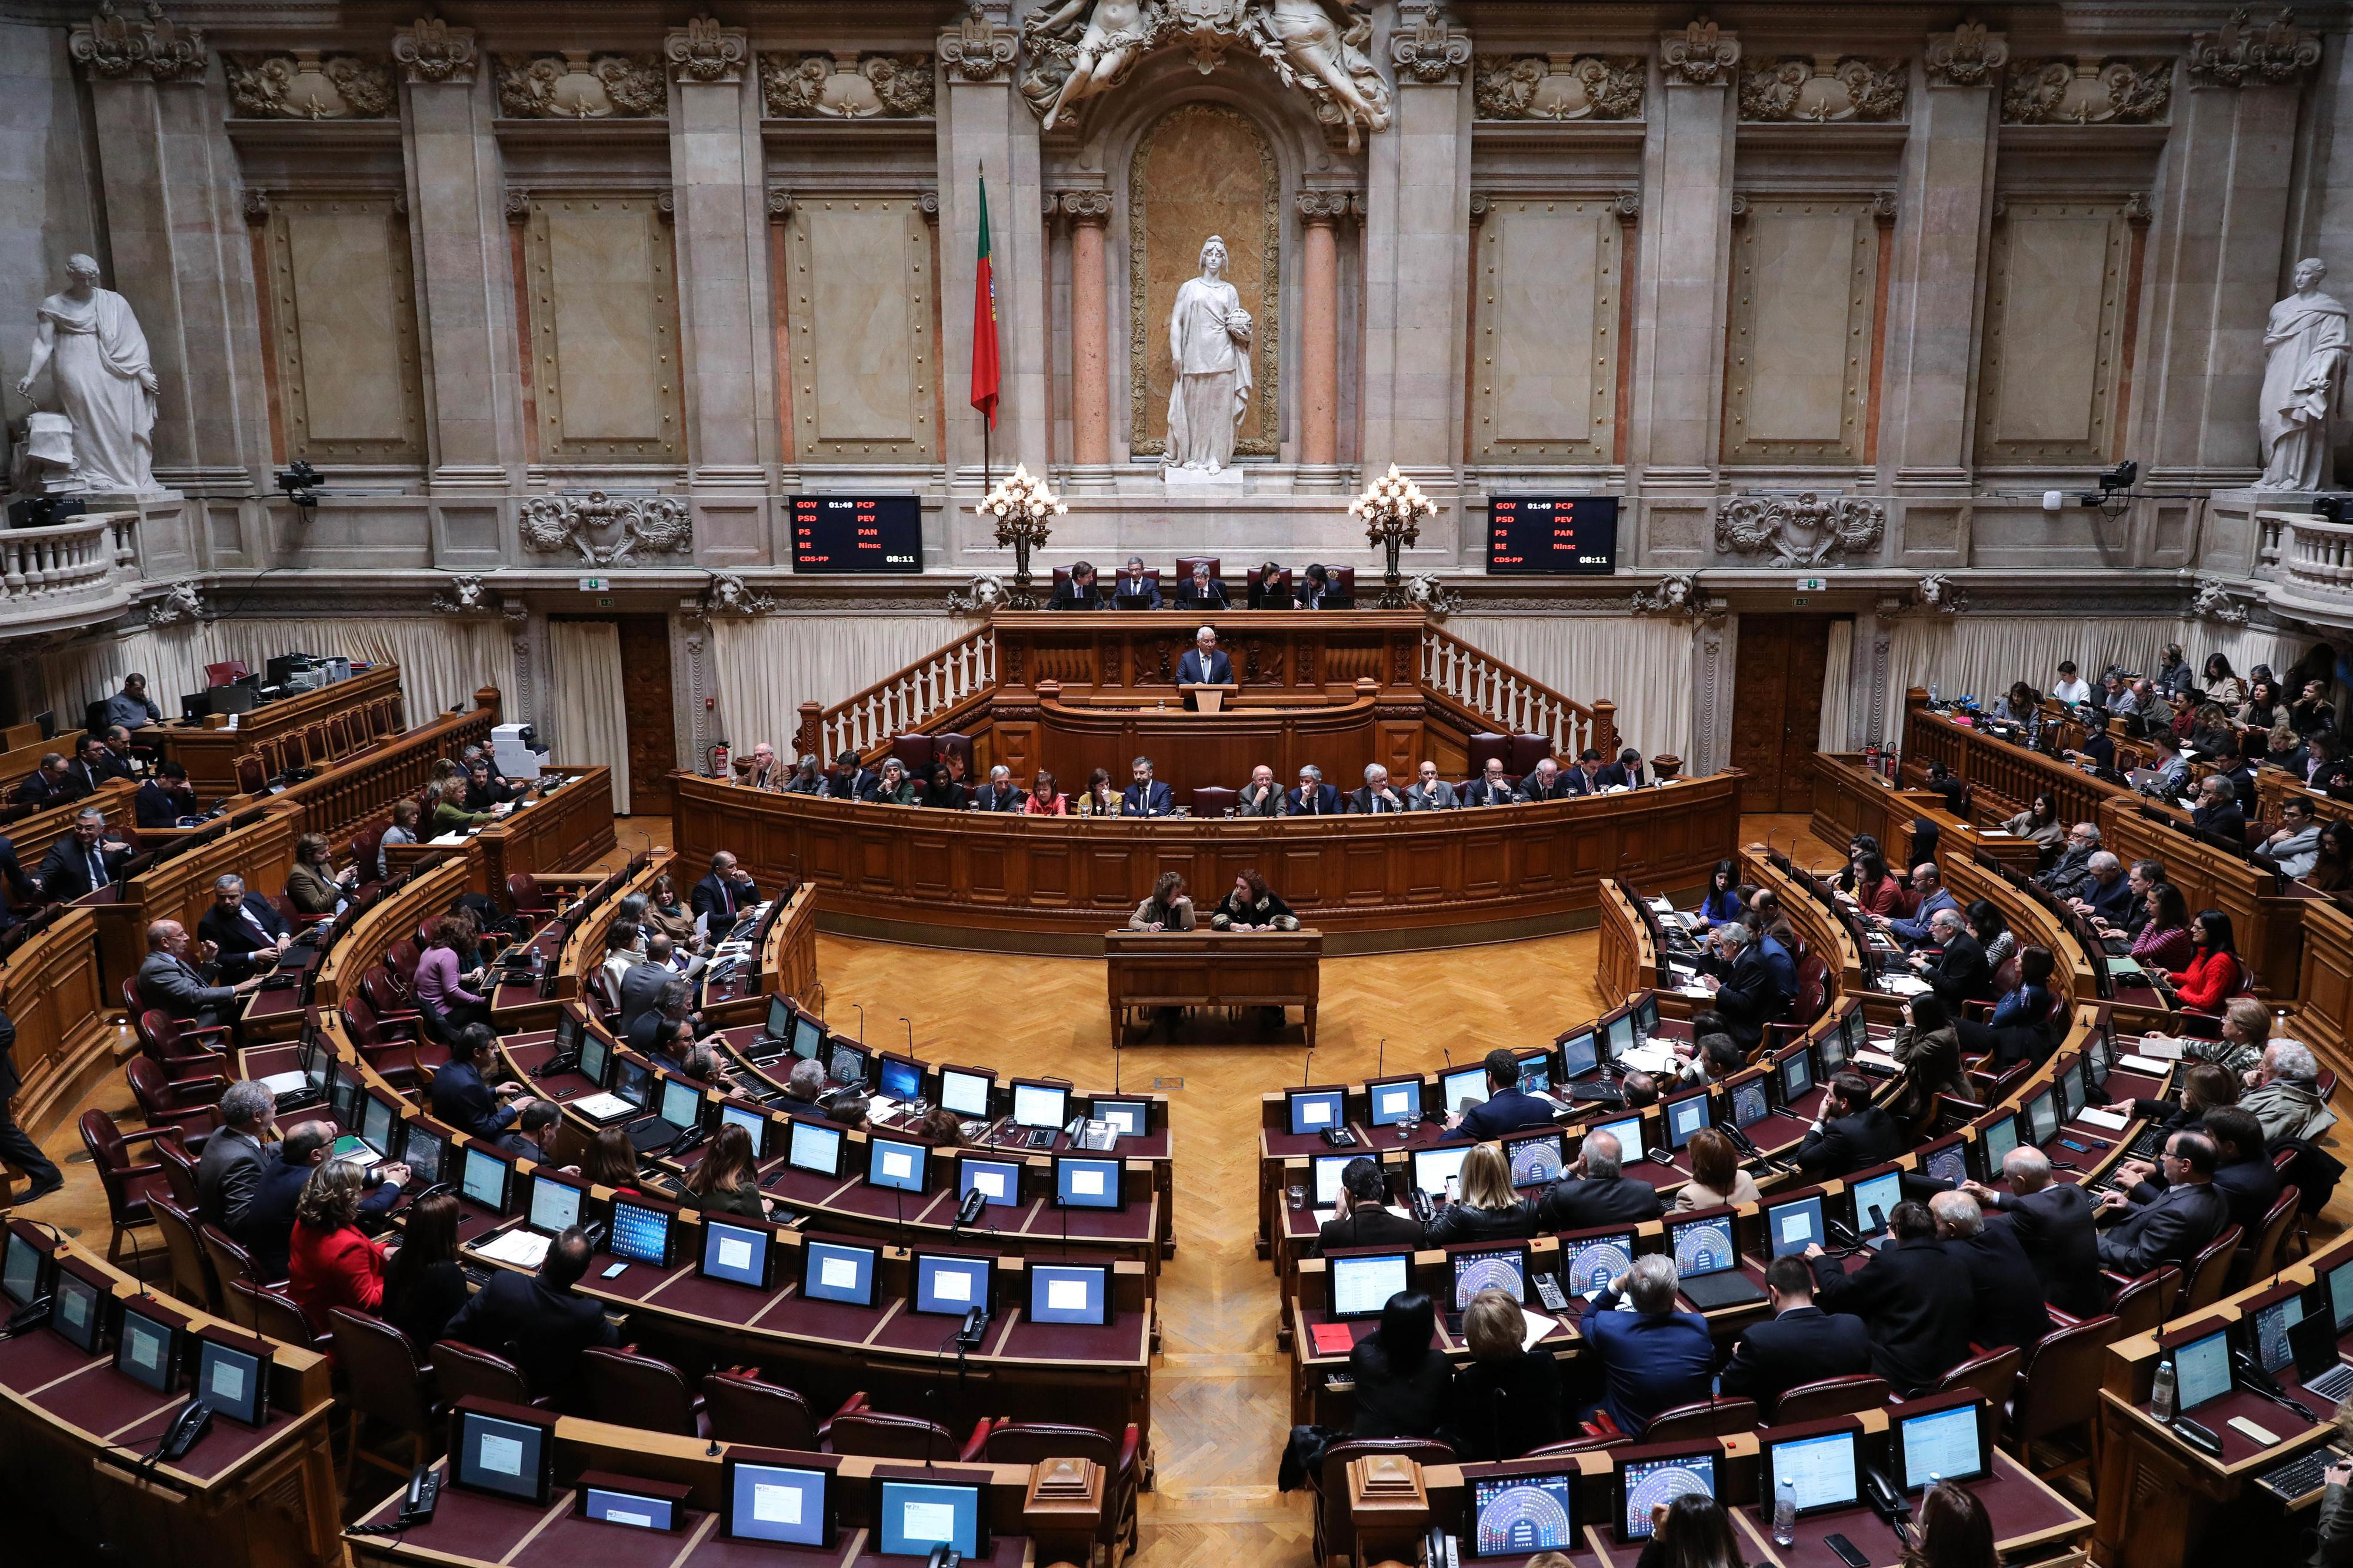 Governo: Remodelação com novos ministros das Infraestruturas e Habitação, Presidência e Planeamento